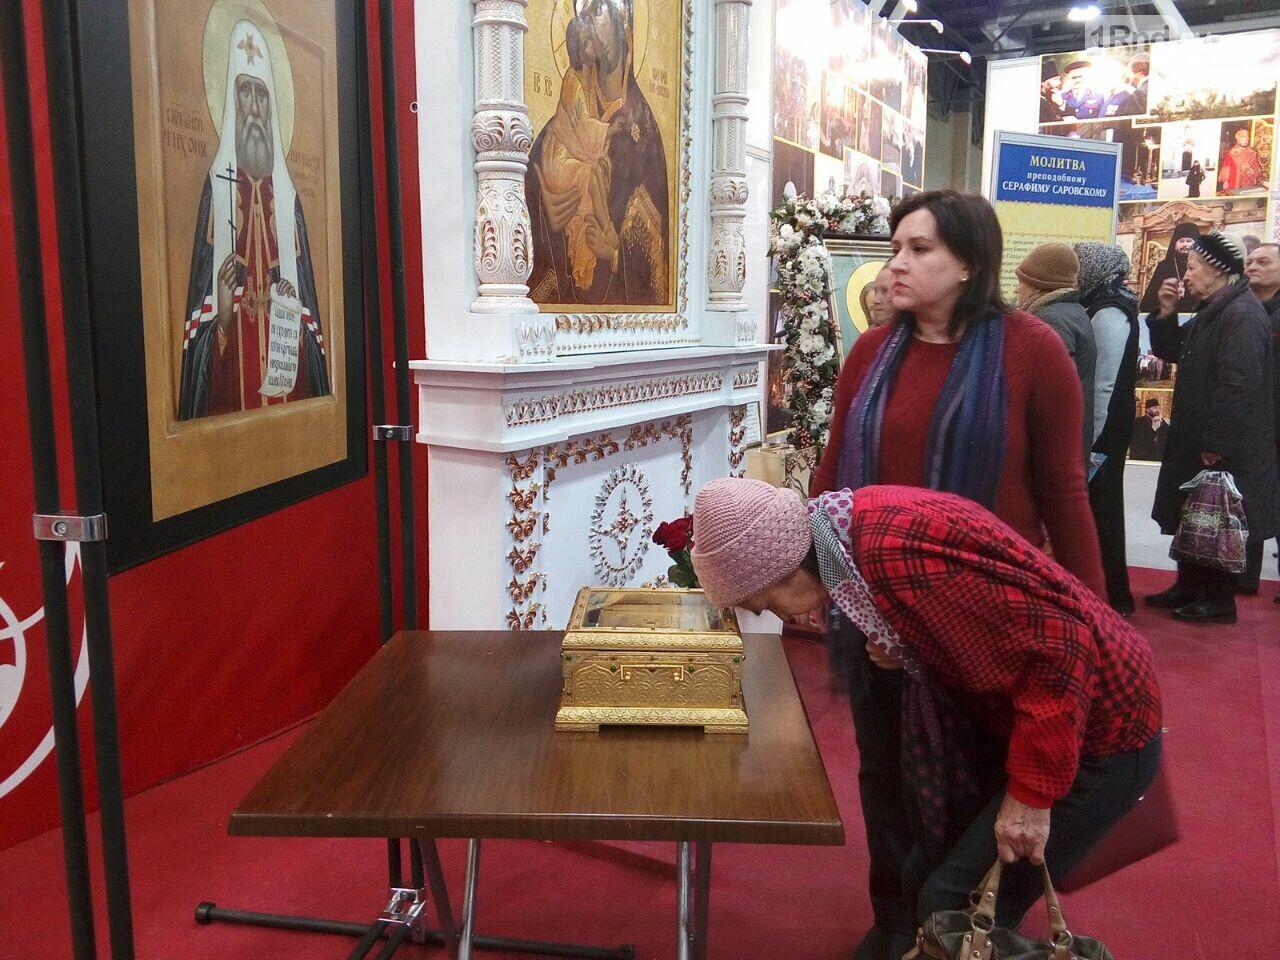 Огромная очередь выстроилась на поклонение иконе и мощам Серафима Саровского в Ростове, фото-2